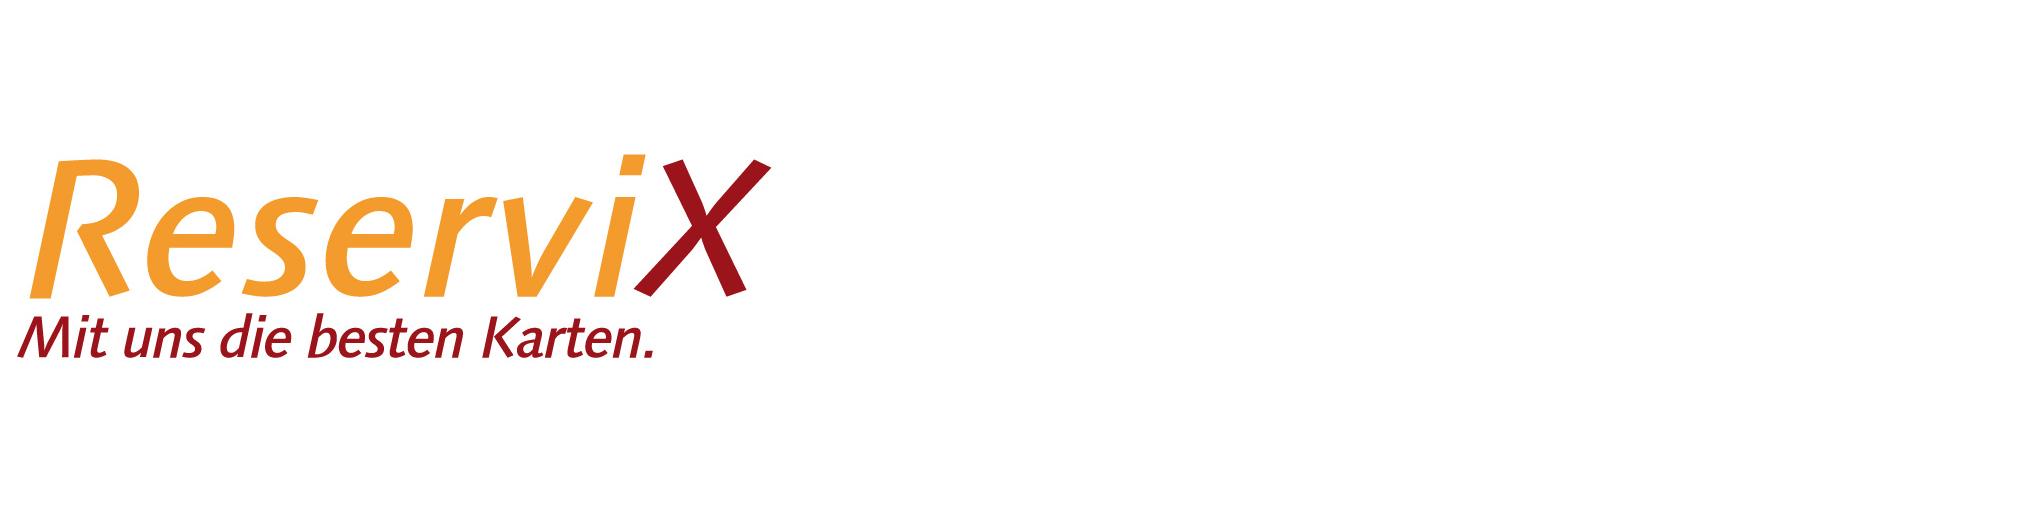 """Farbige Schrift vor weißem Hintergrund: In der oberen Zeile """"Reservi"""" in gelb und ein """"X"""" in rot. In der Zeile darunter in roter Schriftt """"Mit uns die besten Karten""""."""